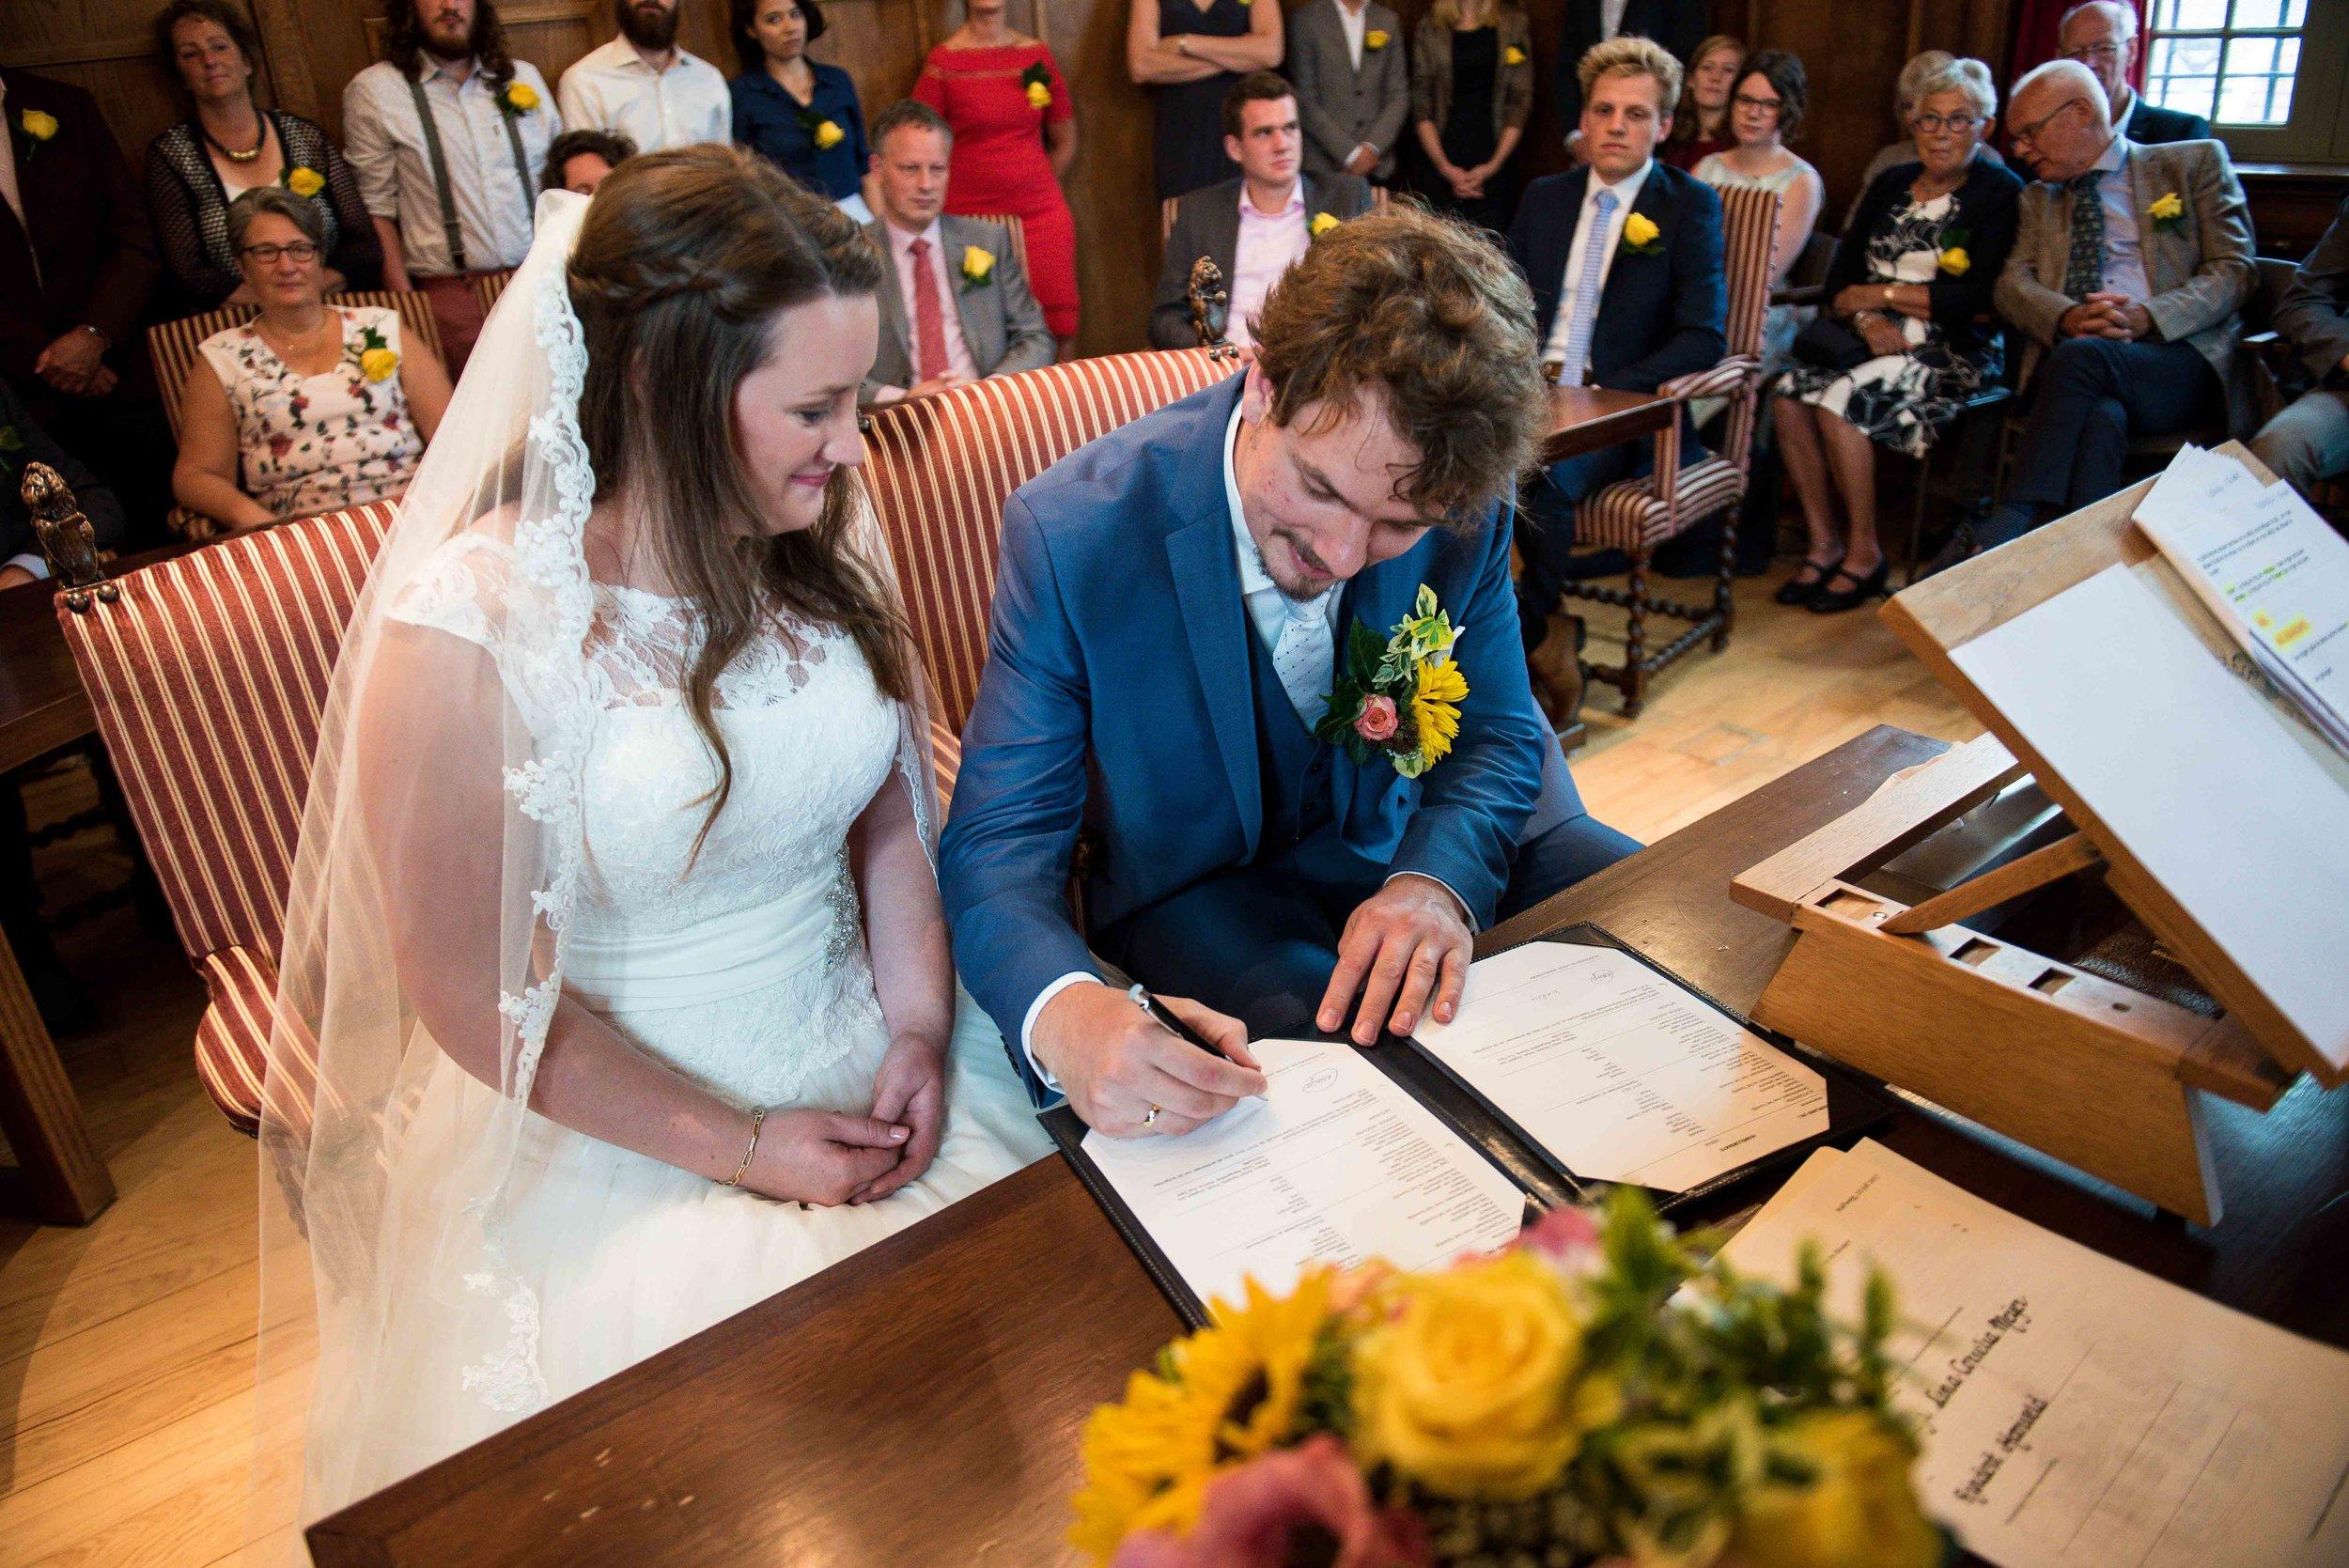 Bruiloft Rindert en Nathasja (977)-2.jpg